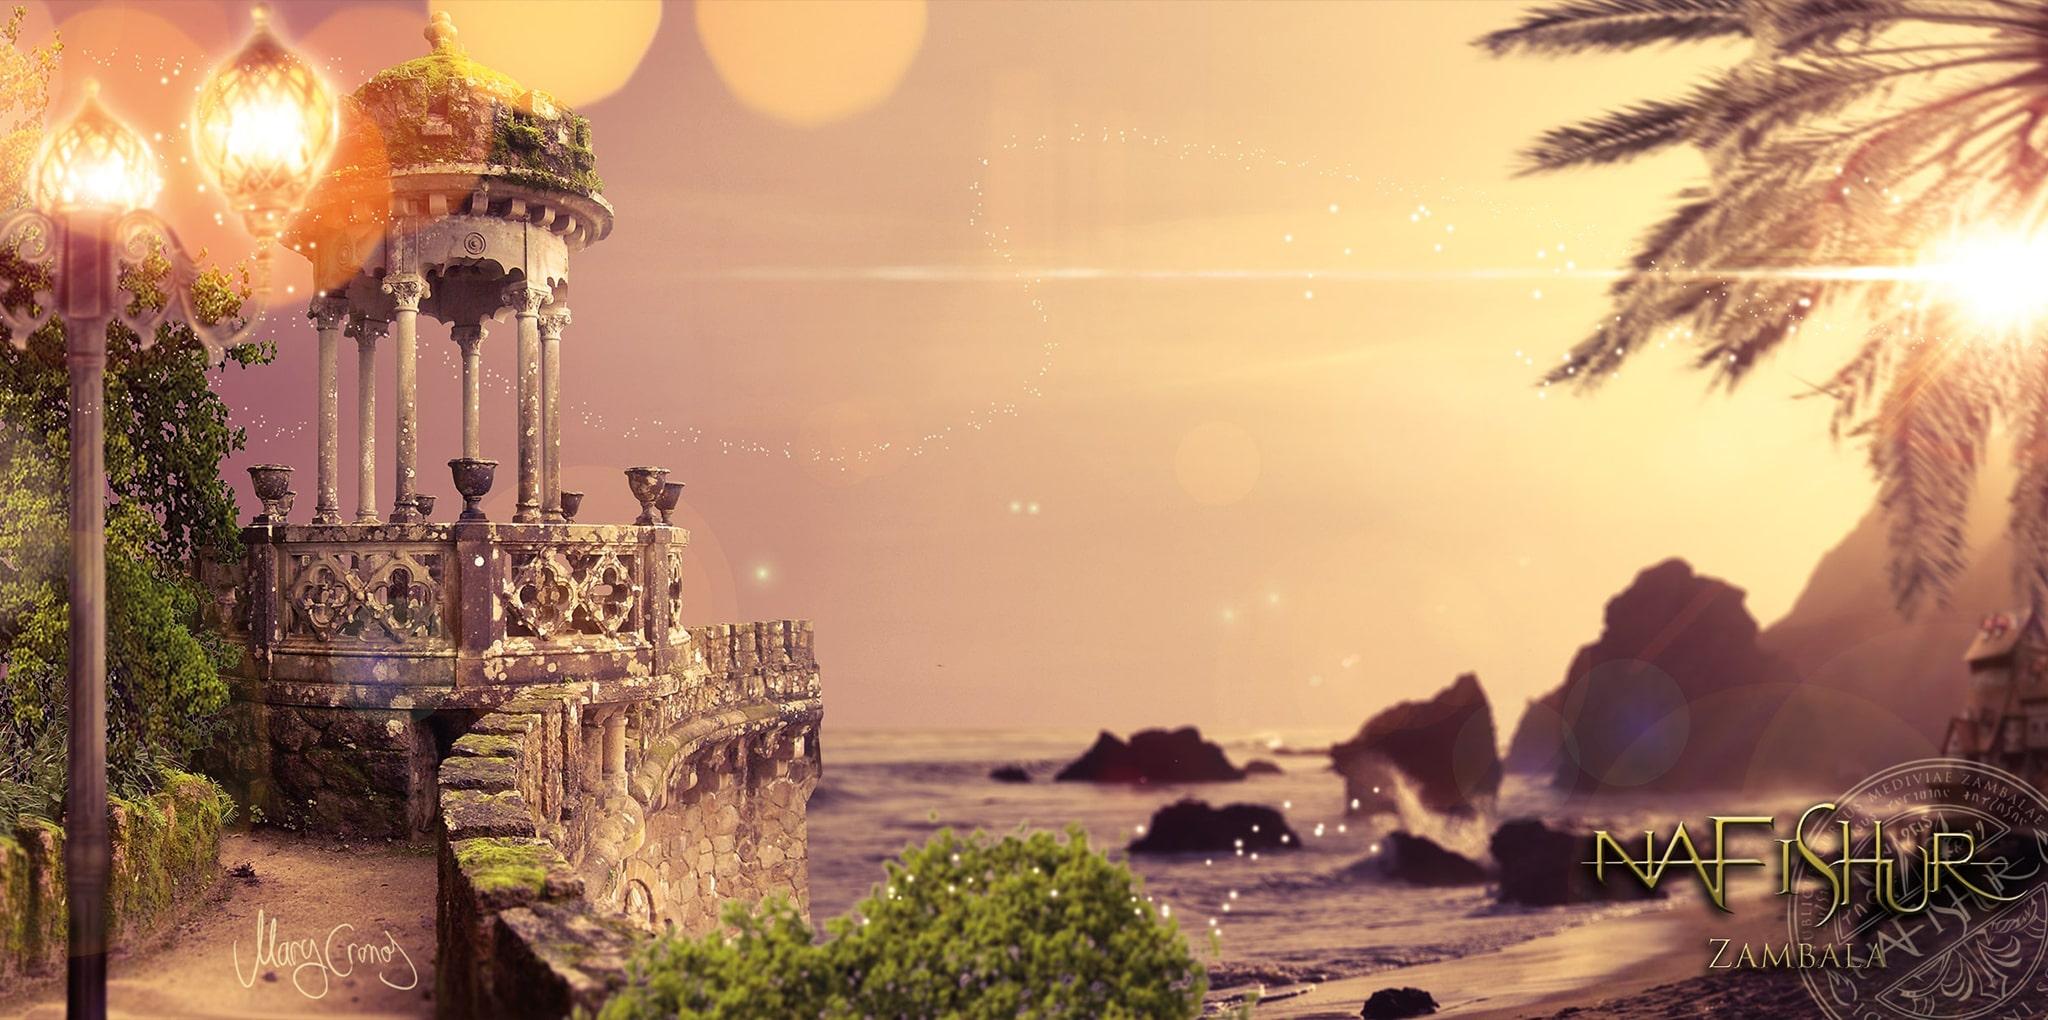 background marycronos world nafishur04-min